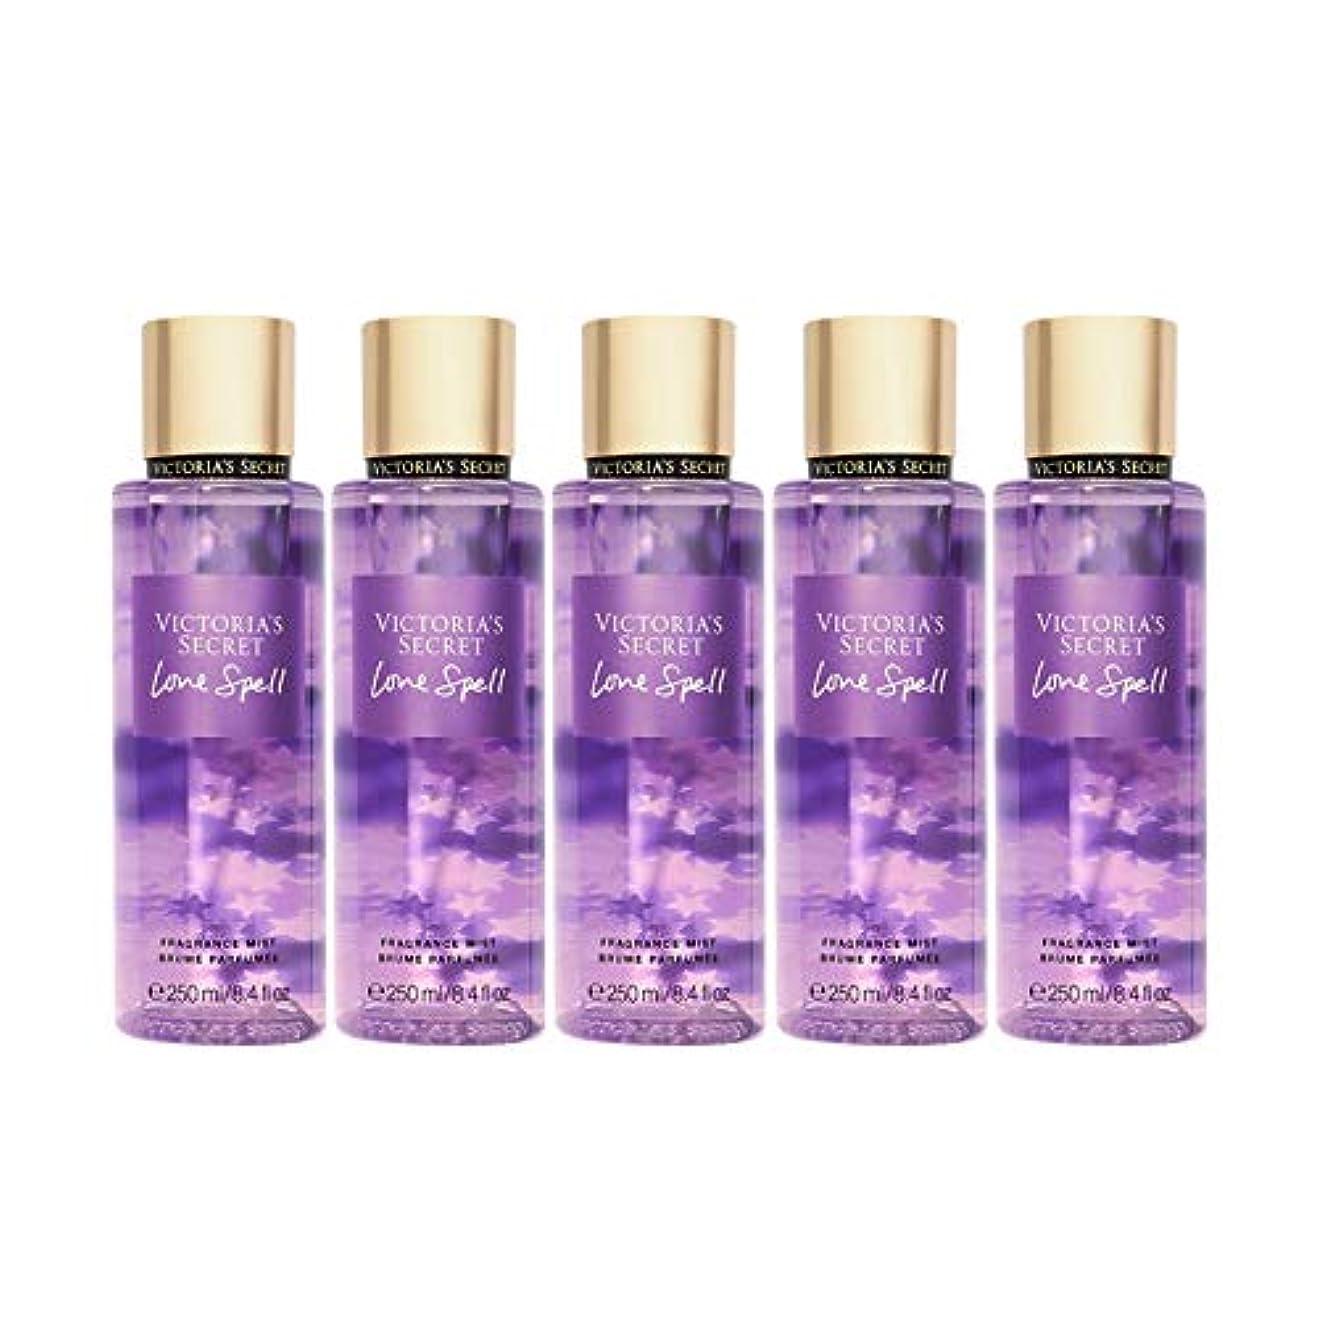 出席するソーシャル発信フレグランスミスト Victoria'sSecretFantasies FragranceMist ヴィクトリアズシークレット Victoria'sSecret (ラヴスペル/LoveSpell) 5本セット [並行輸入品]